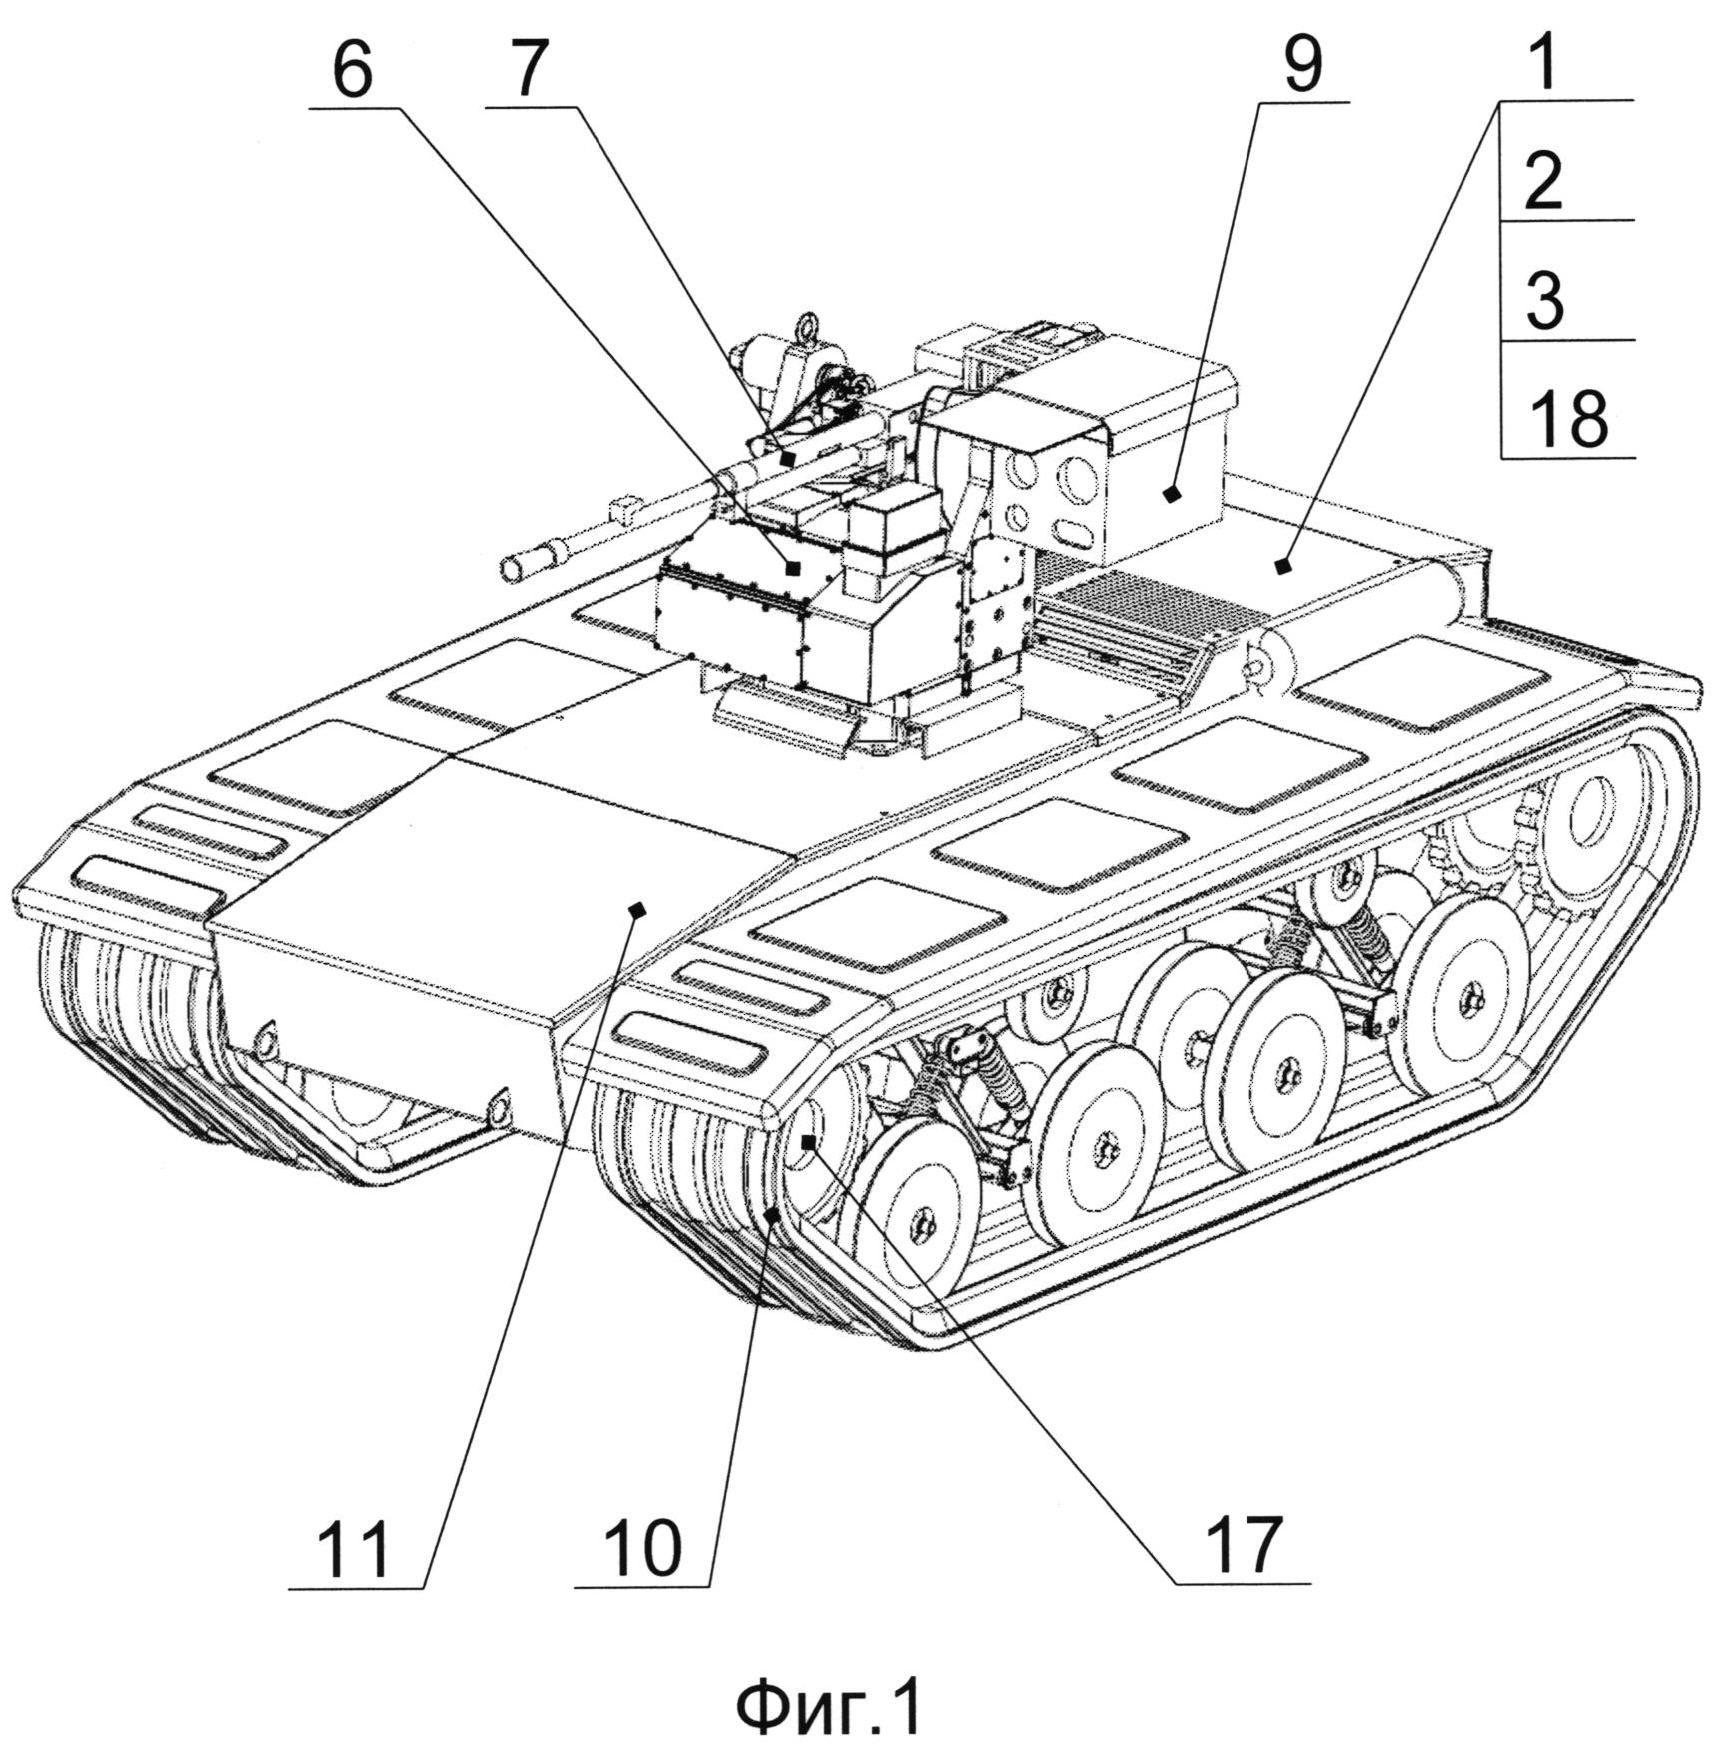 Робототехнический комплекс разведки и огневой поддержки